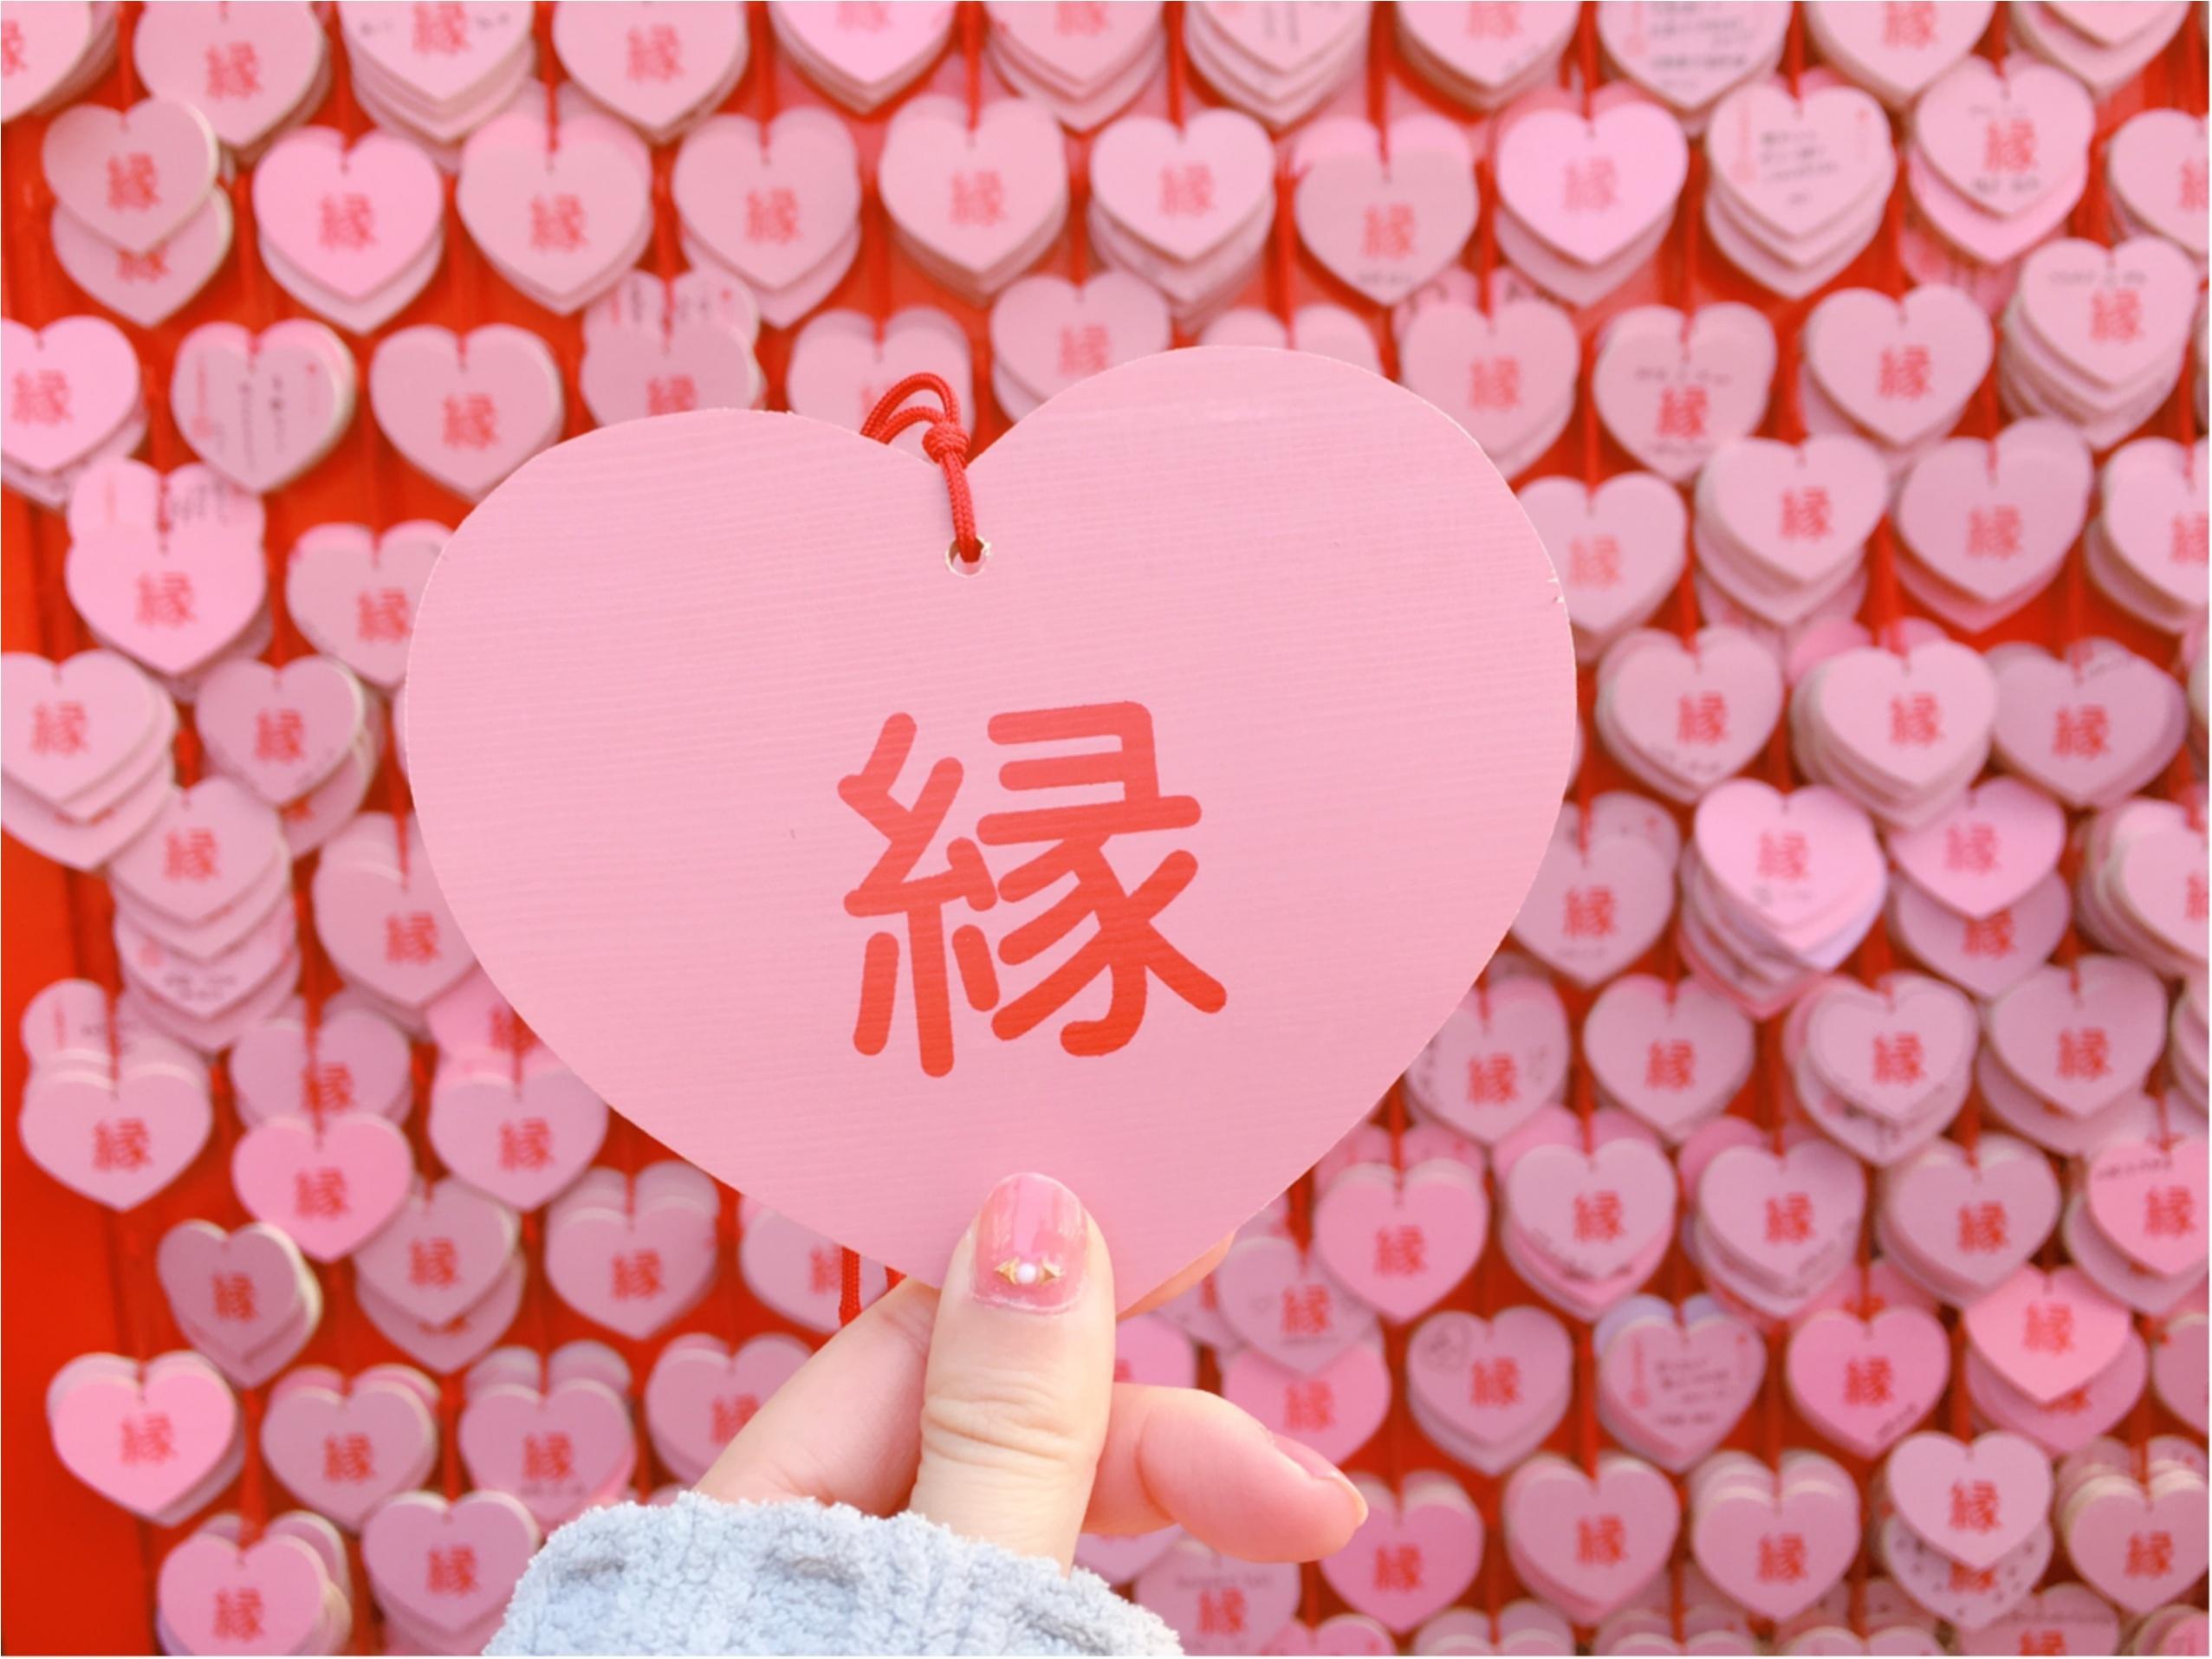 モアガールの心をわしづかみ♡ ピンクの絵馬に、ピンクの免許証もお目見え! 今週の「ご当地モア」ランキングトップ5!_1_4